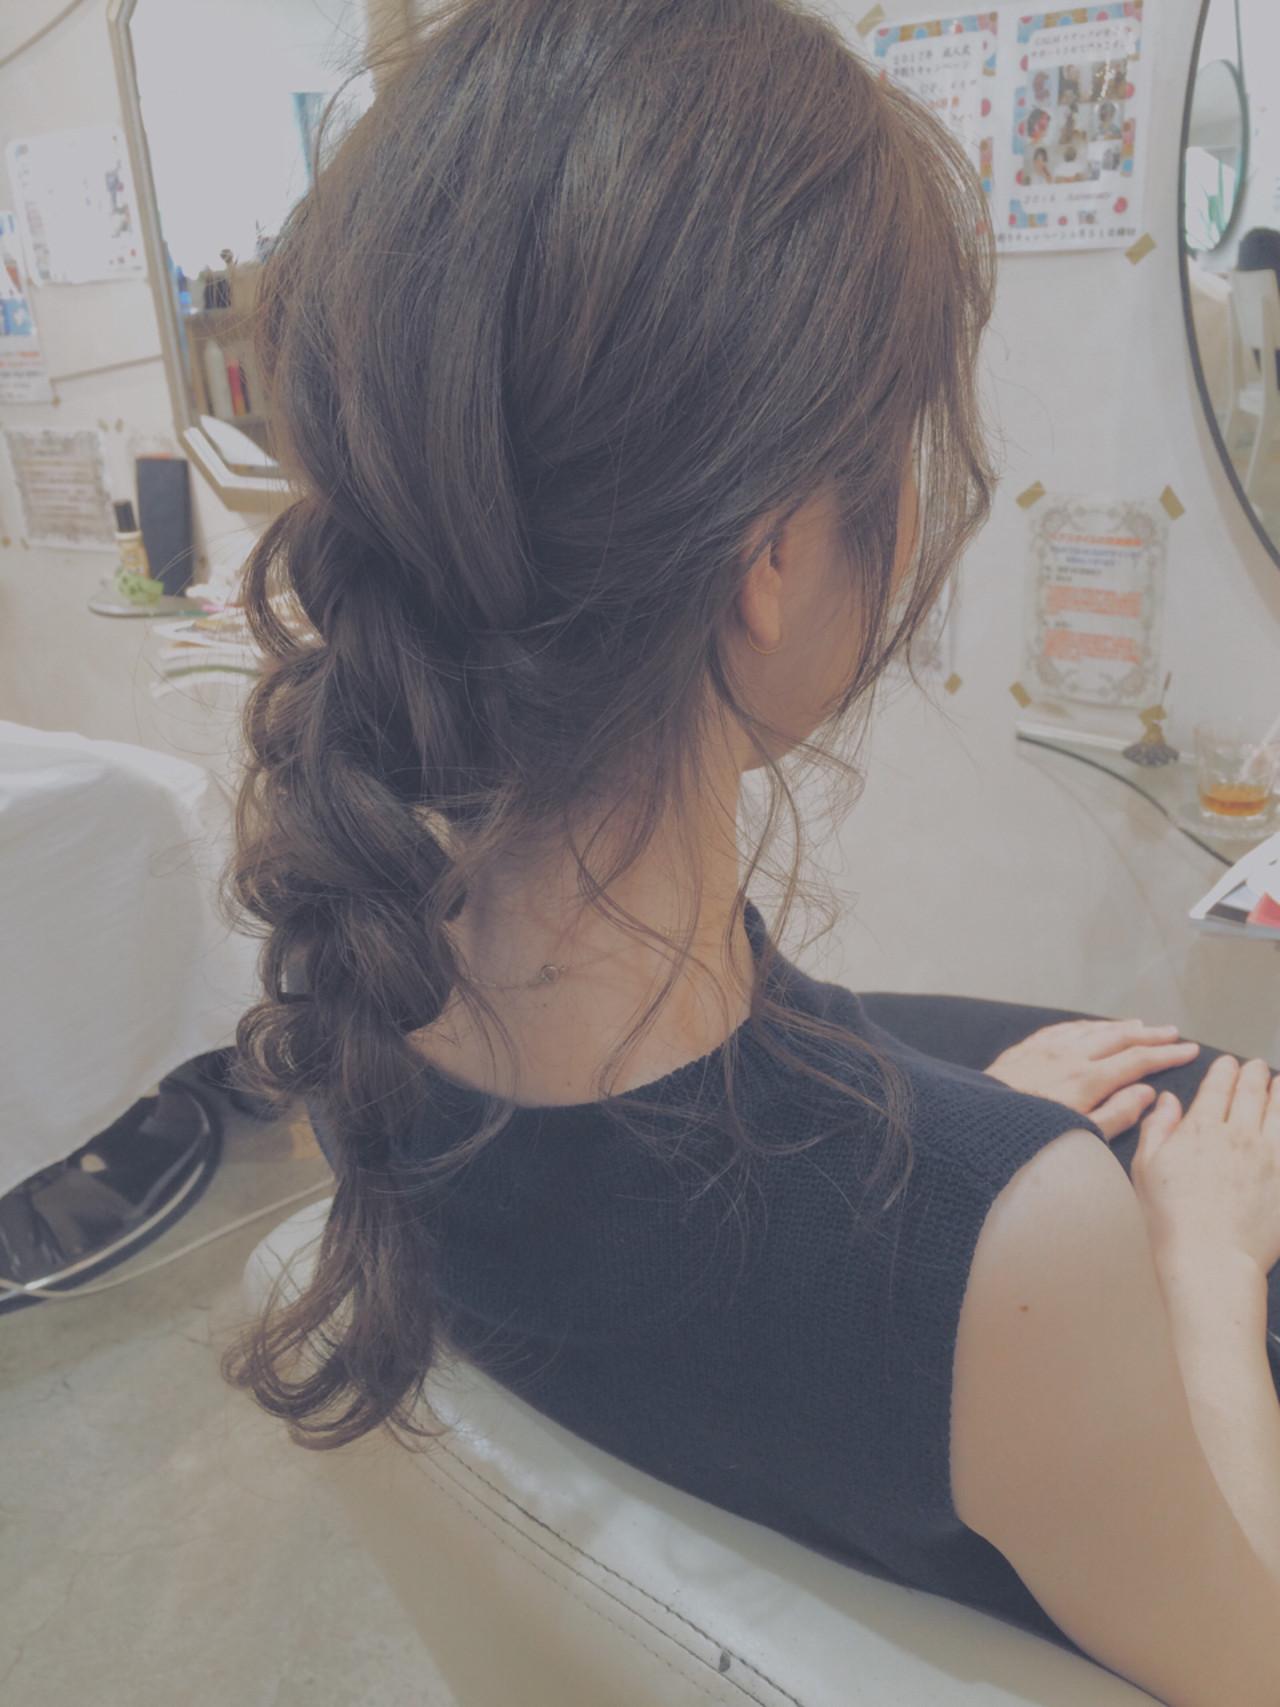 ヘアアレンジ 簡単ヘアアレンジ 三つ編み ナチュラル ヘアスタイルや髪型の写真・画像